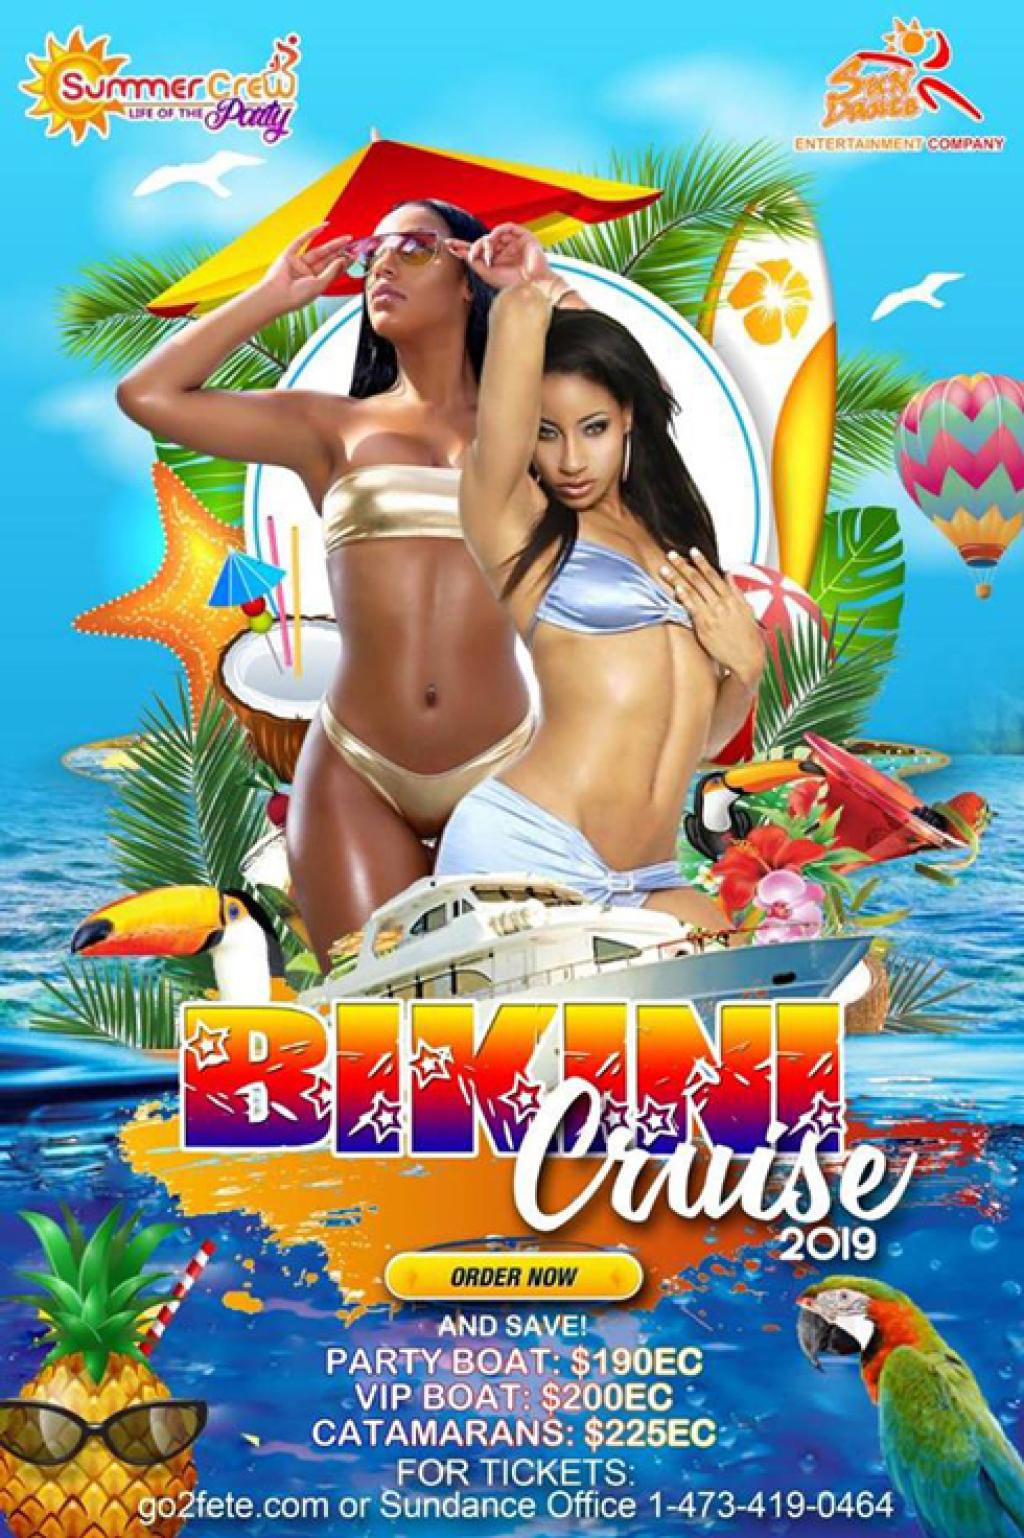 Bikini Cruise flyer or graphic.